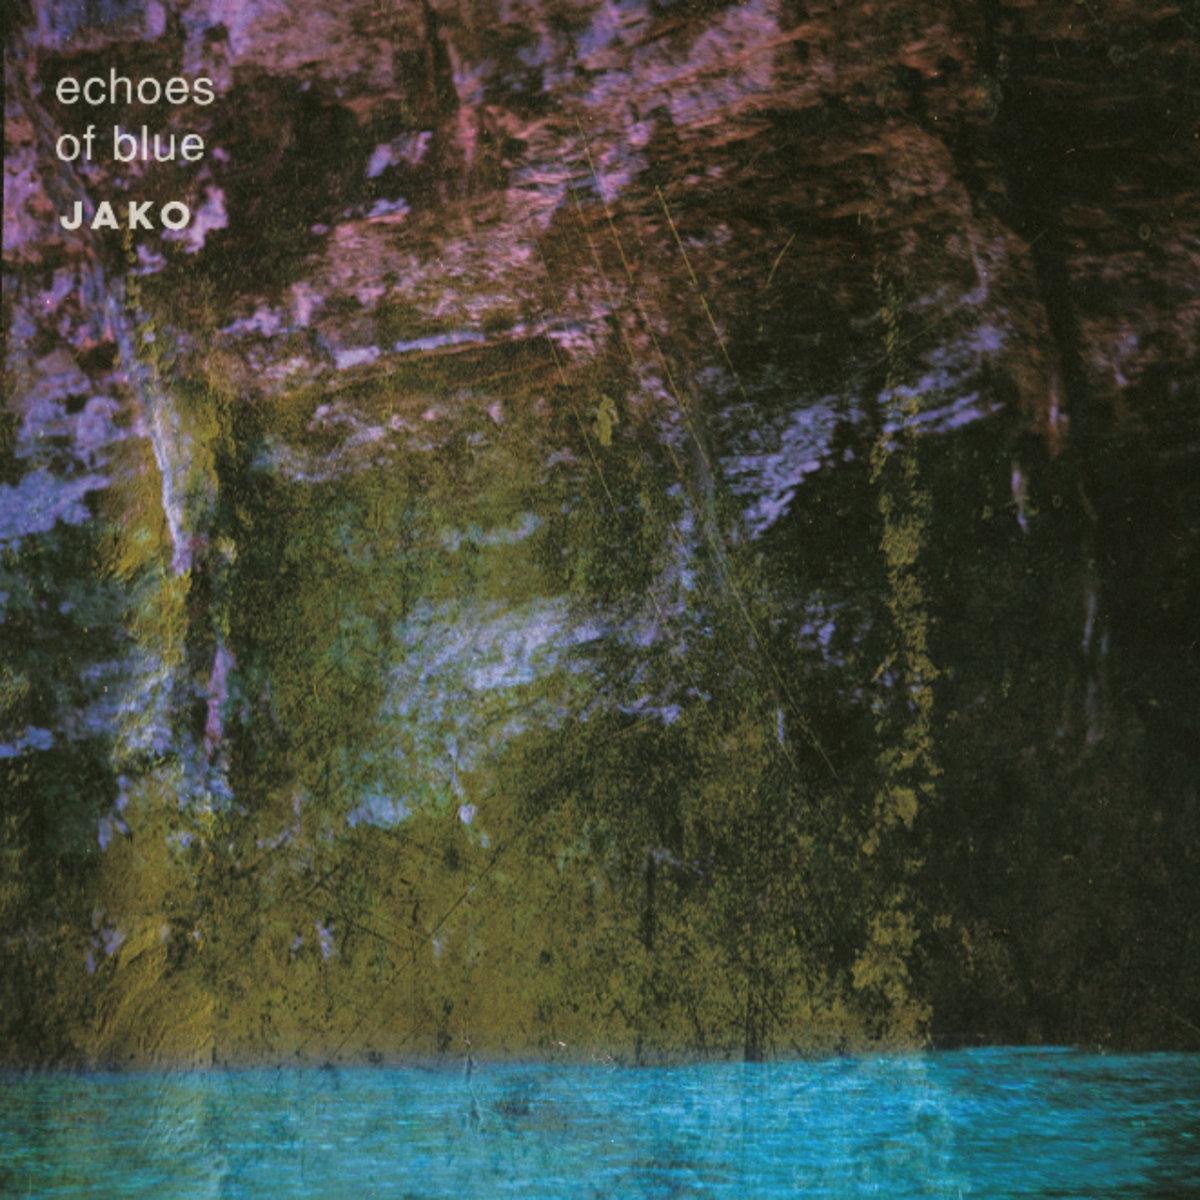 jako-echoesofblue